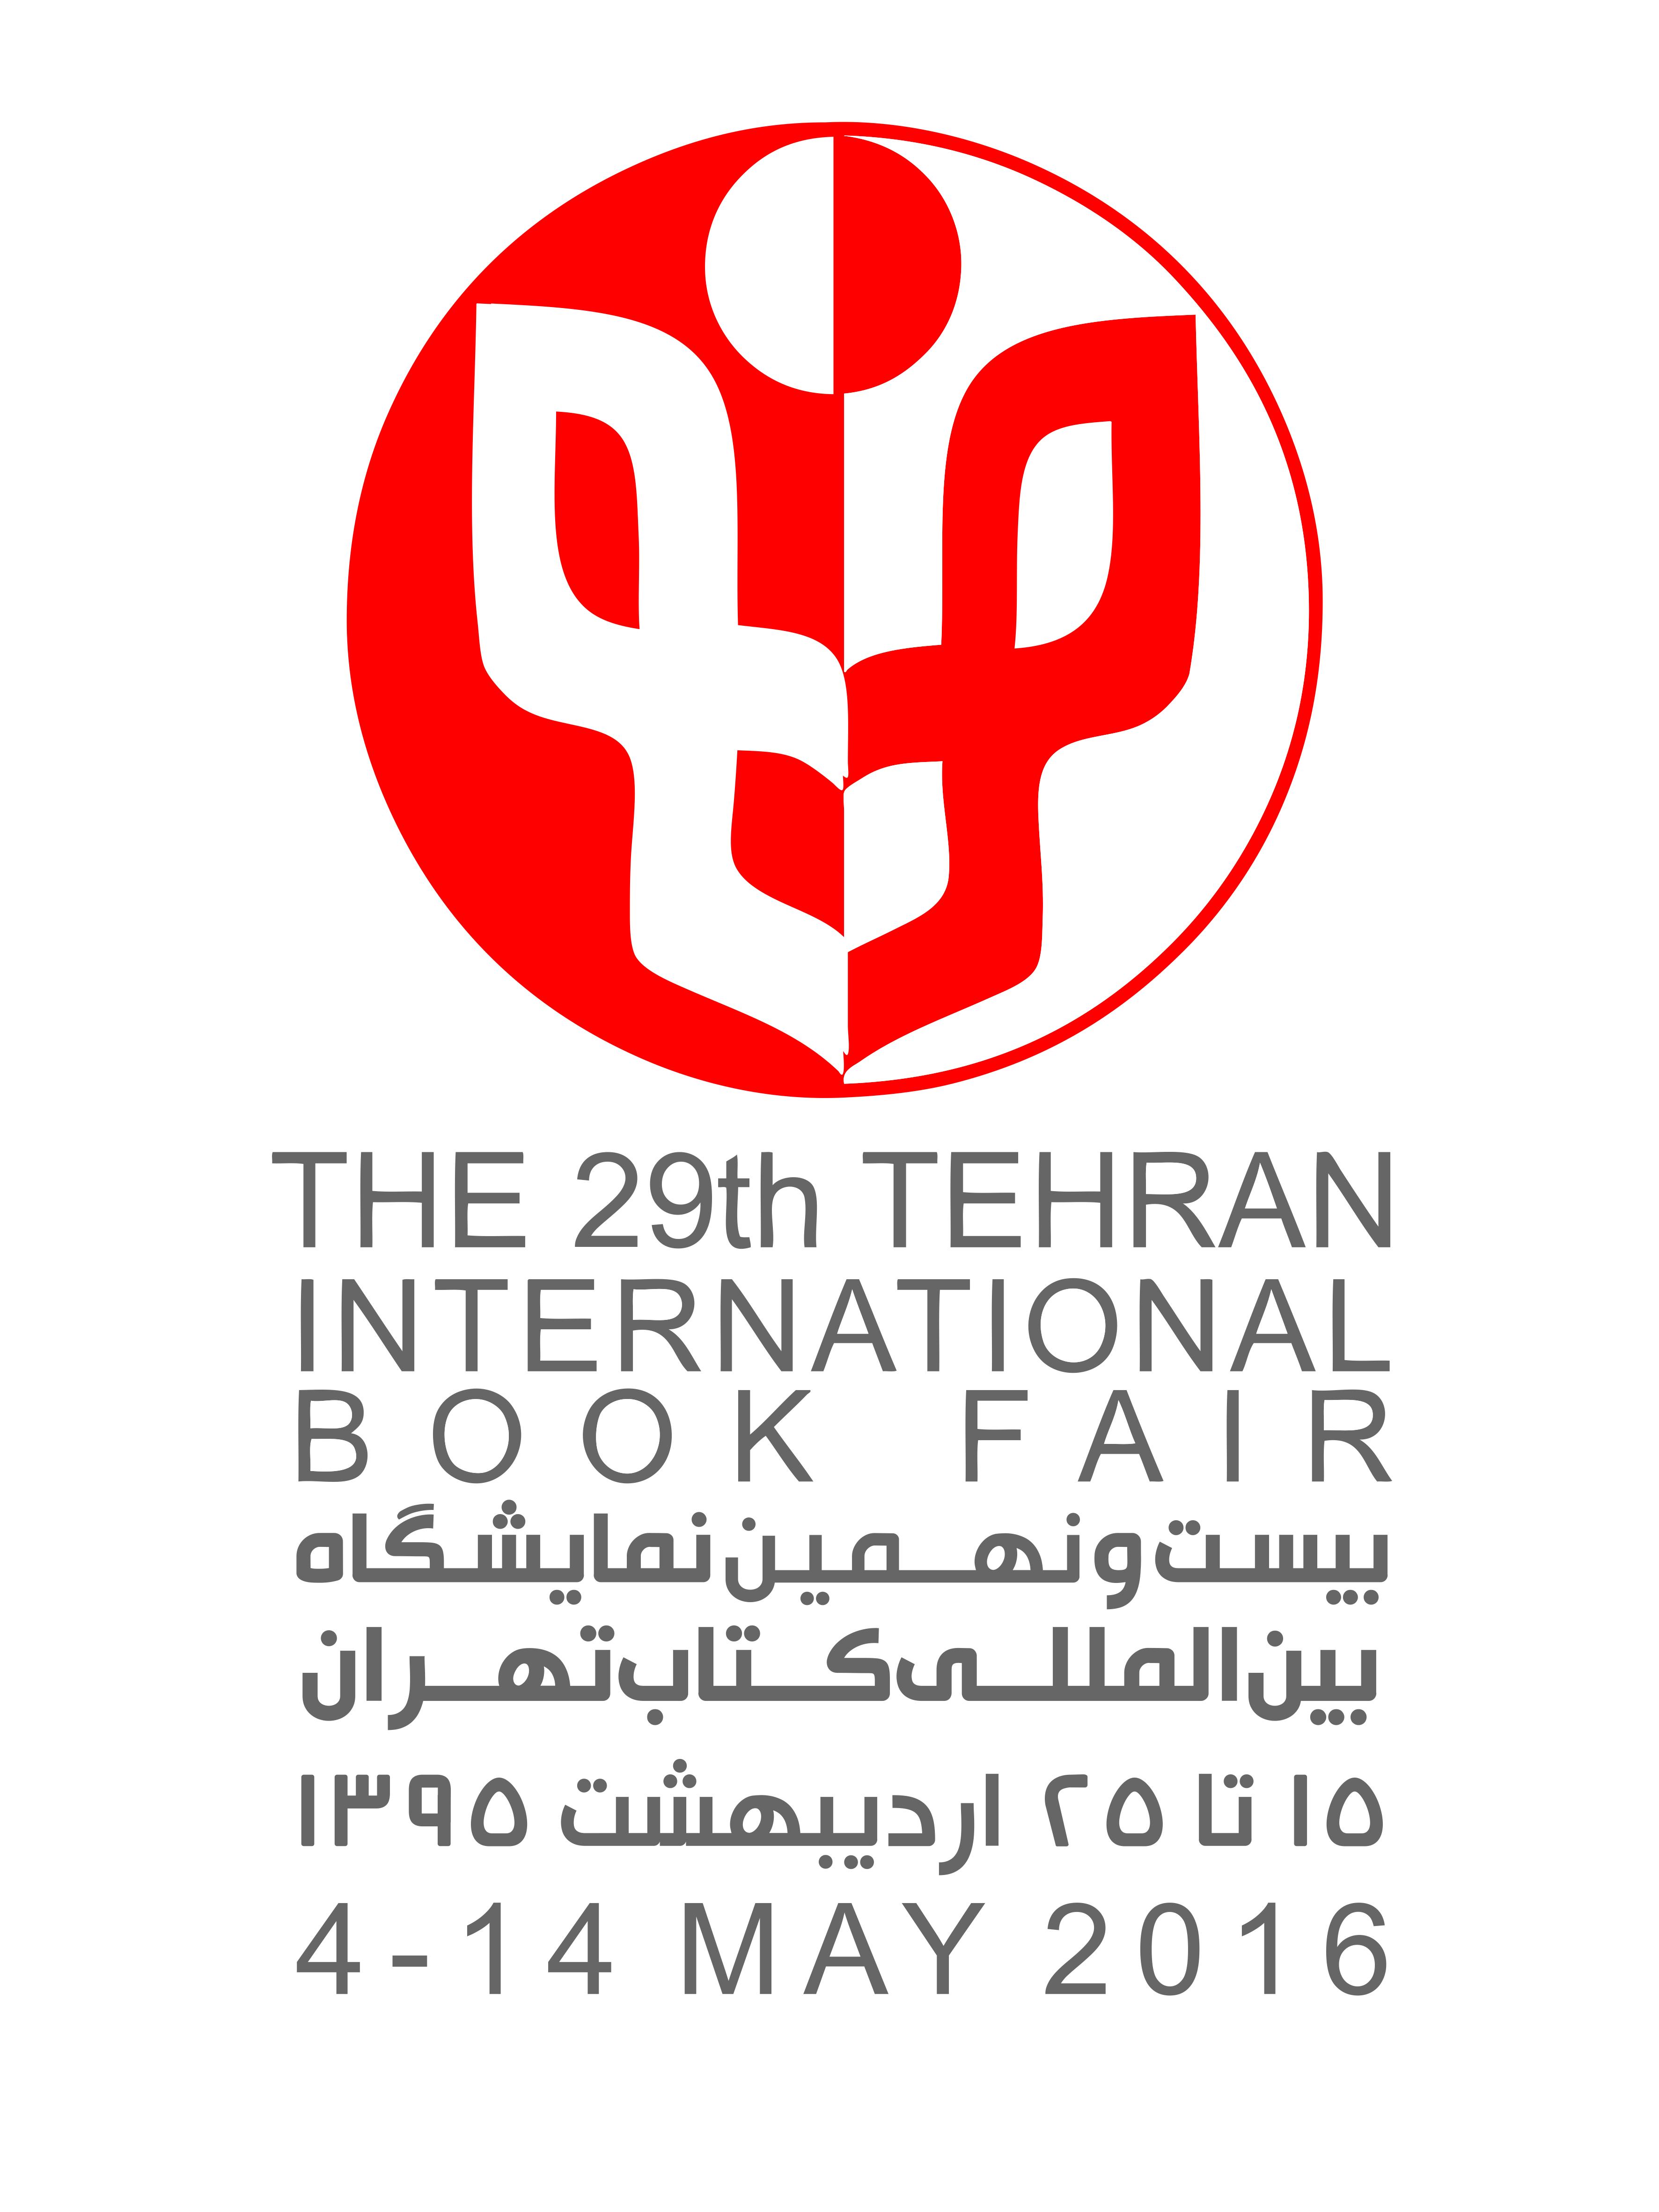 برگزاری نمایشگاه کتاب دانشگاه علوم انتظامی امین در  بیست و نهمین نمایشگاه بین المللی کتاب تهران